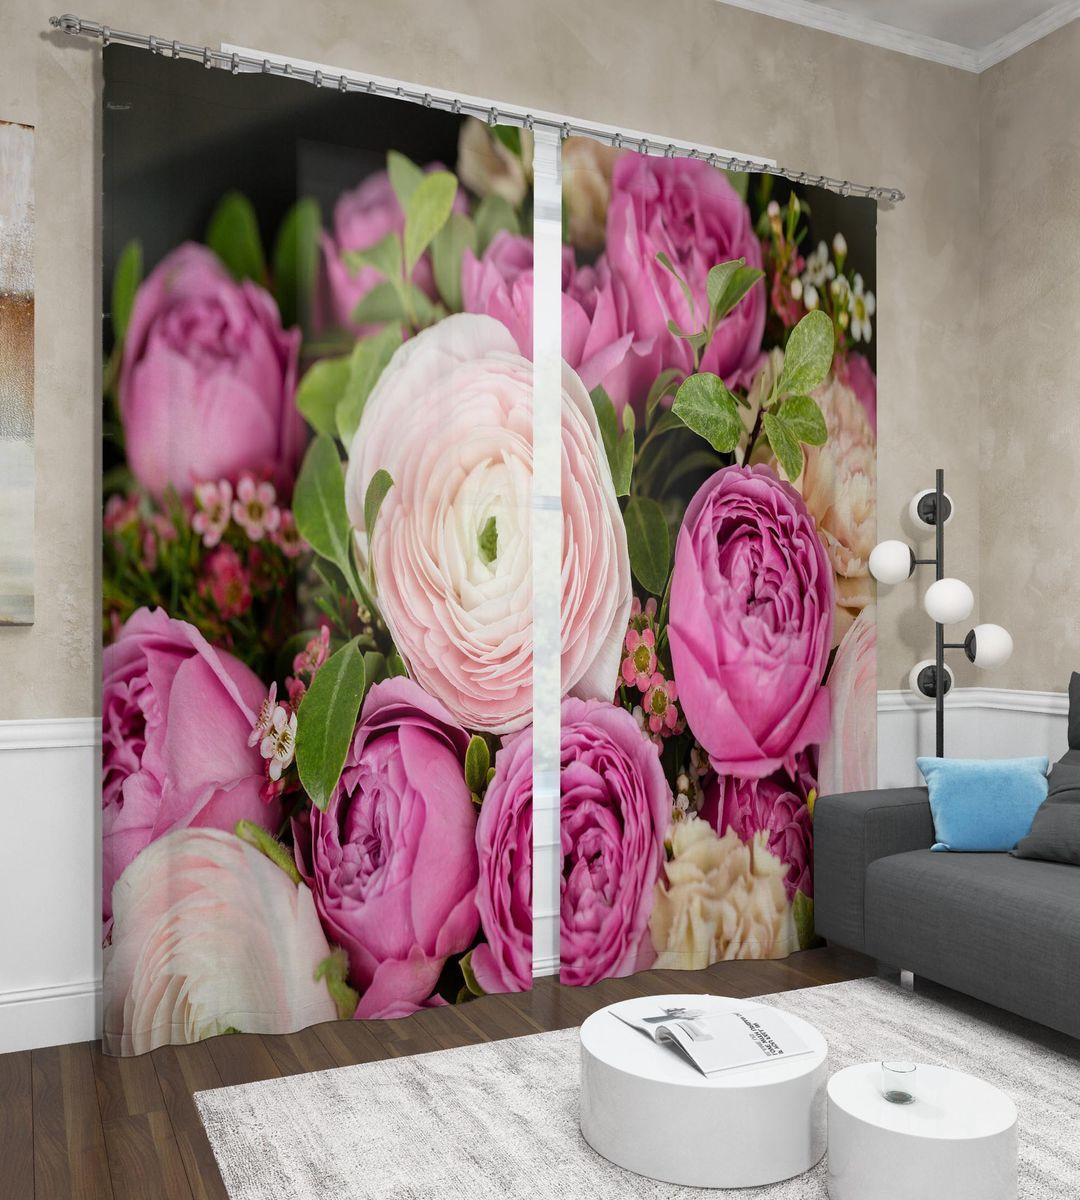 Фотошторы Сирень Нежные пионы, ФШГБ001-13584, розовый, 260 х 145 см, 2 шт